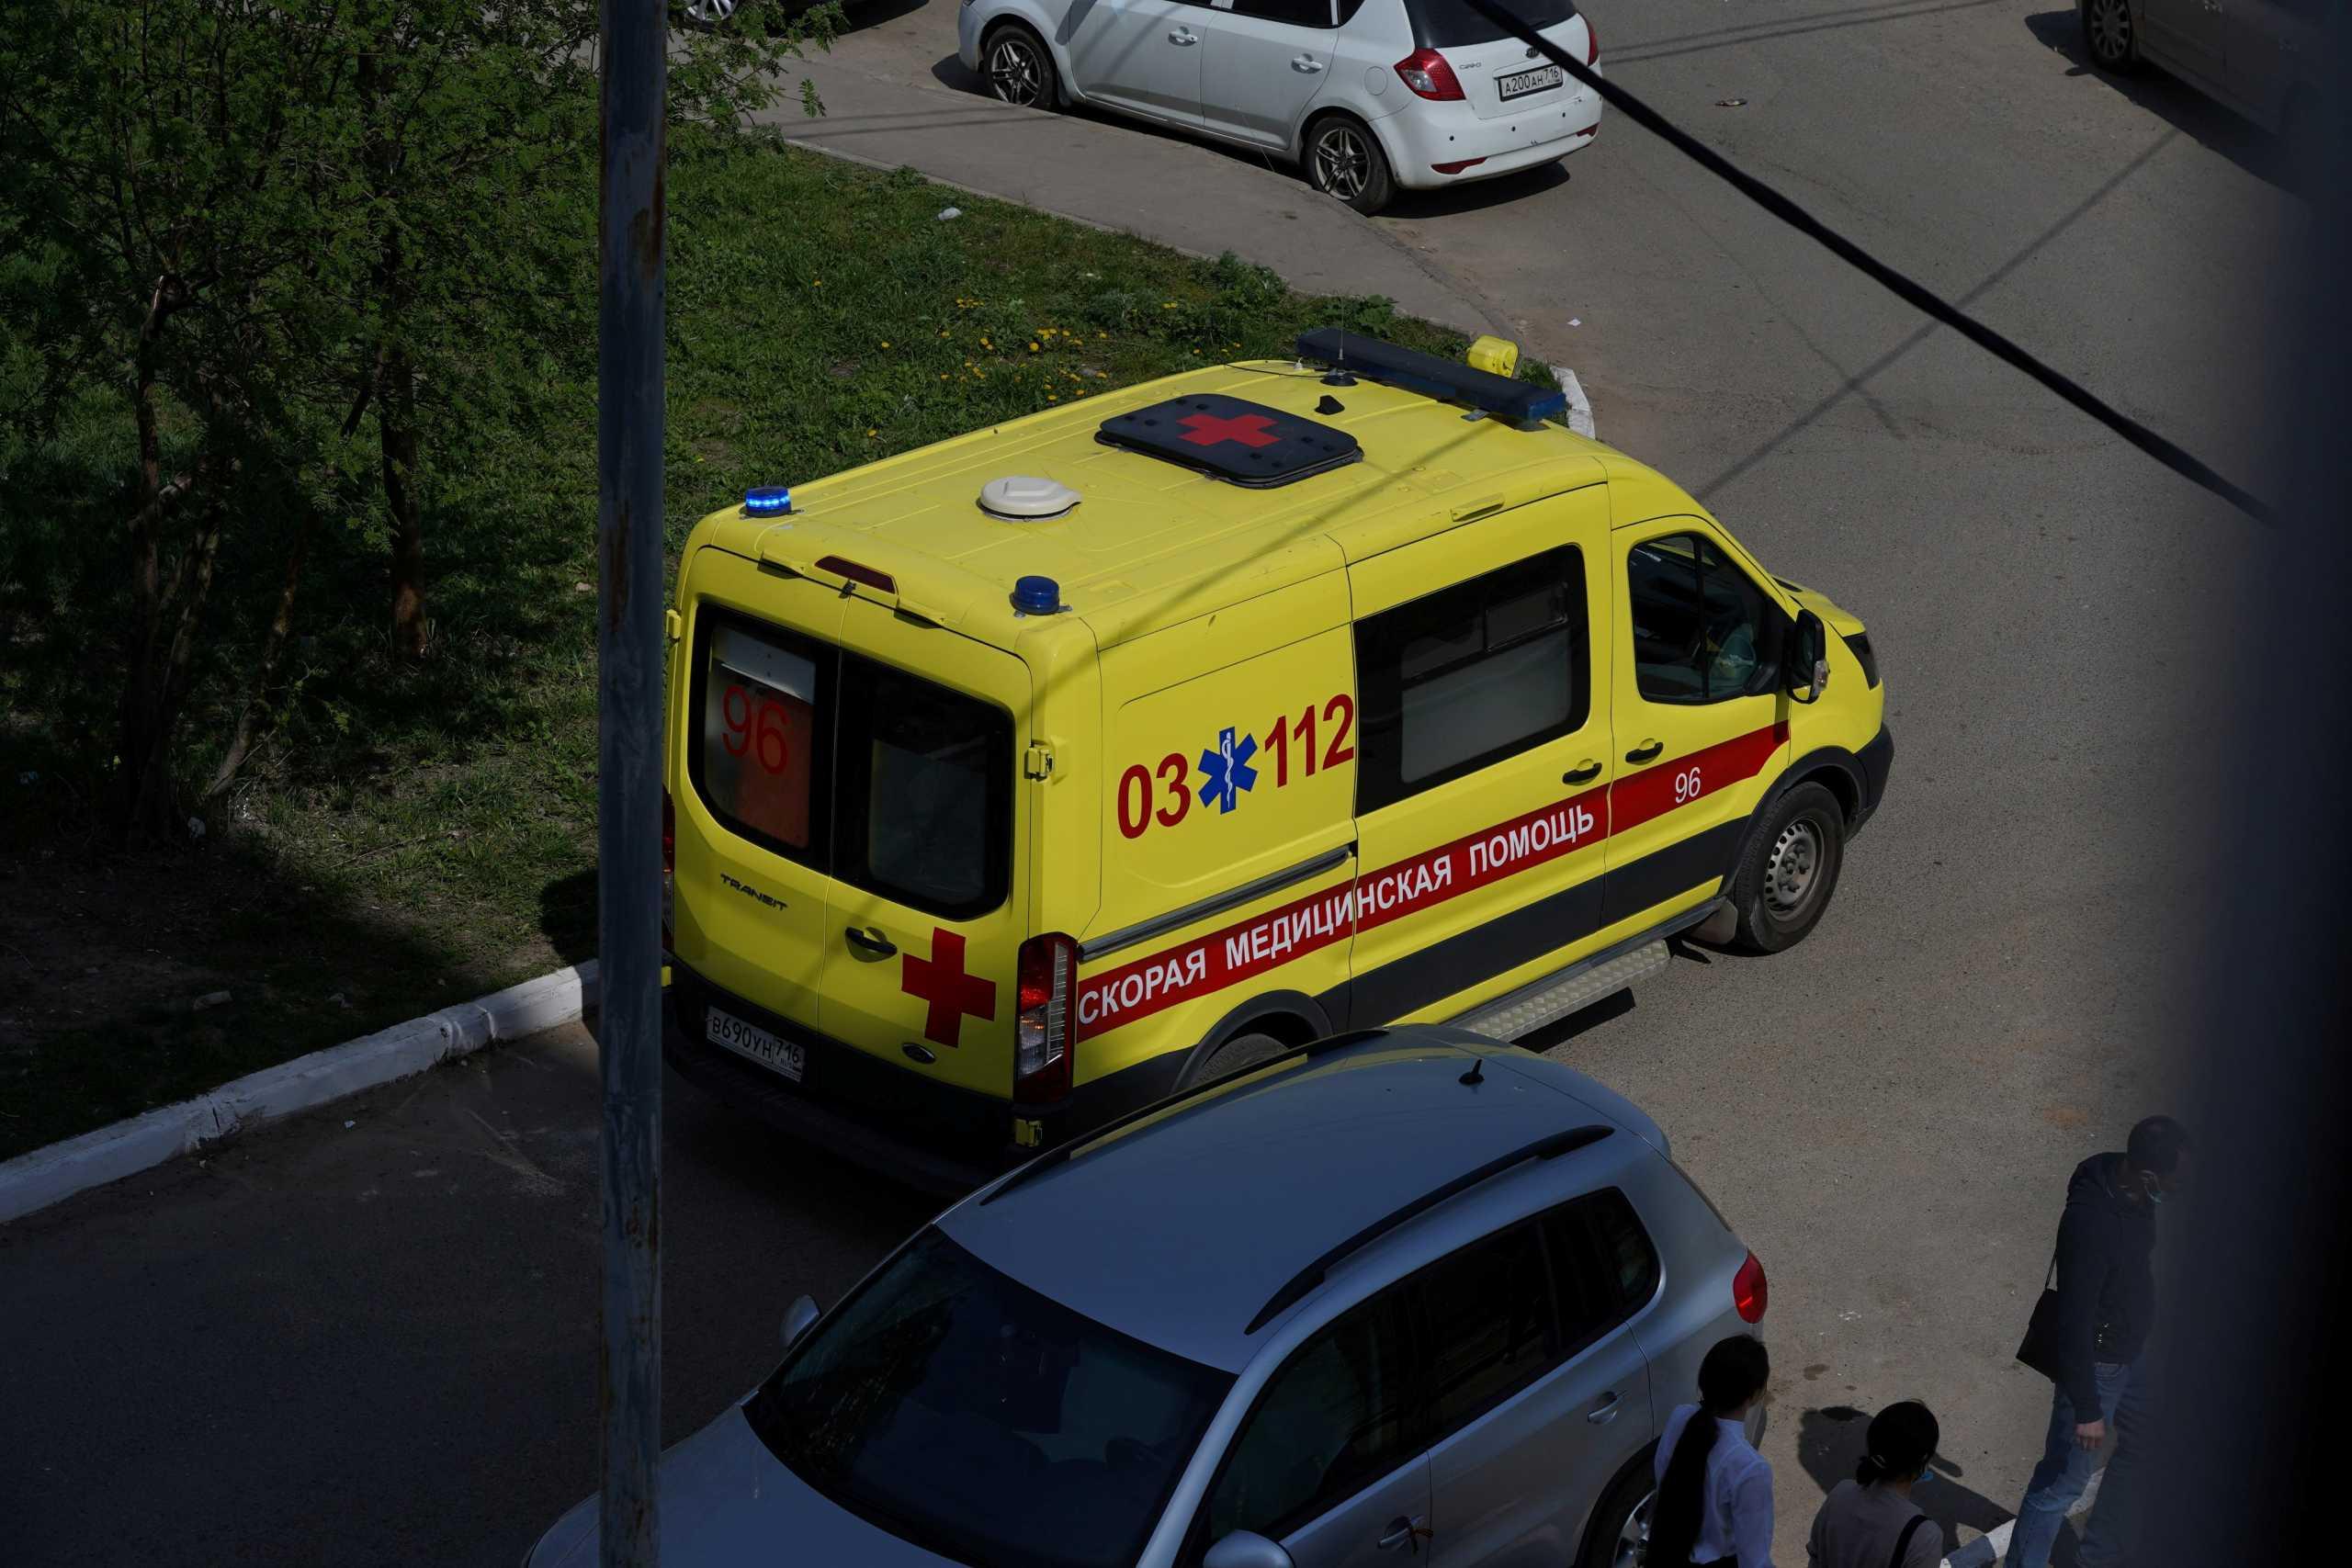 Ρωσία: Δέκα εργάτες έχασαν τη ζωή τους από αναθυμιάσεις σε μονάδα επεξεργασίας λυμάτων